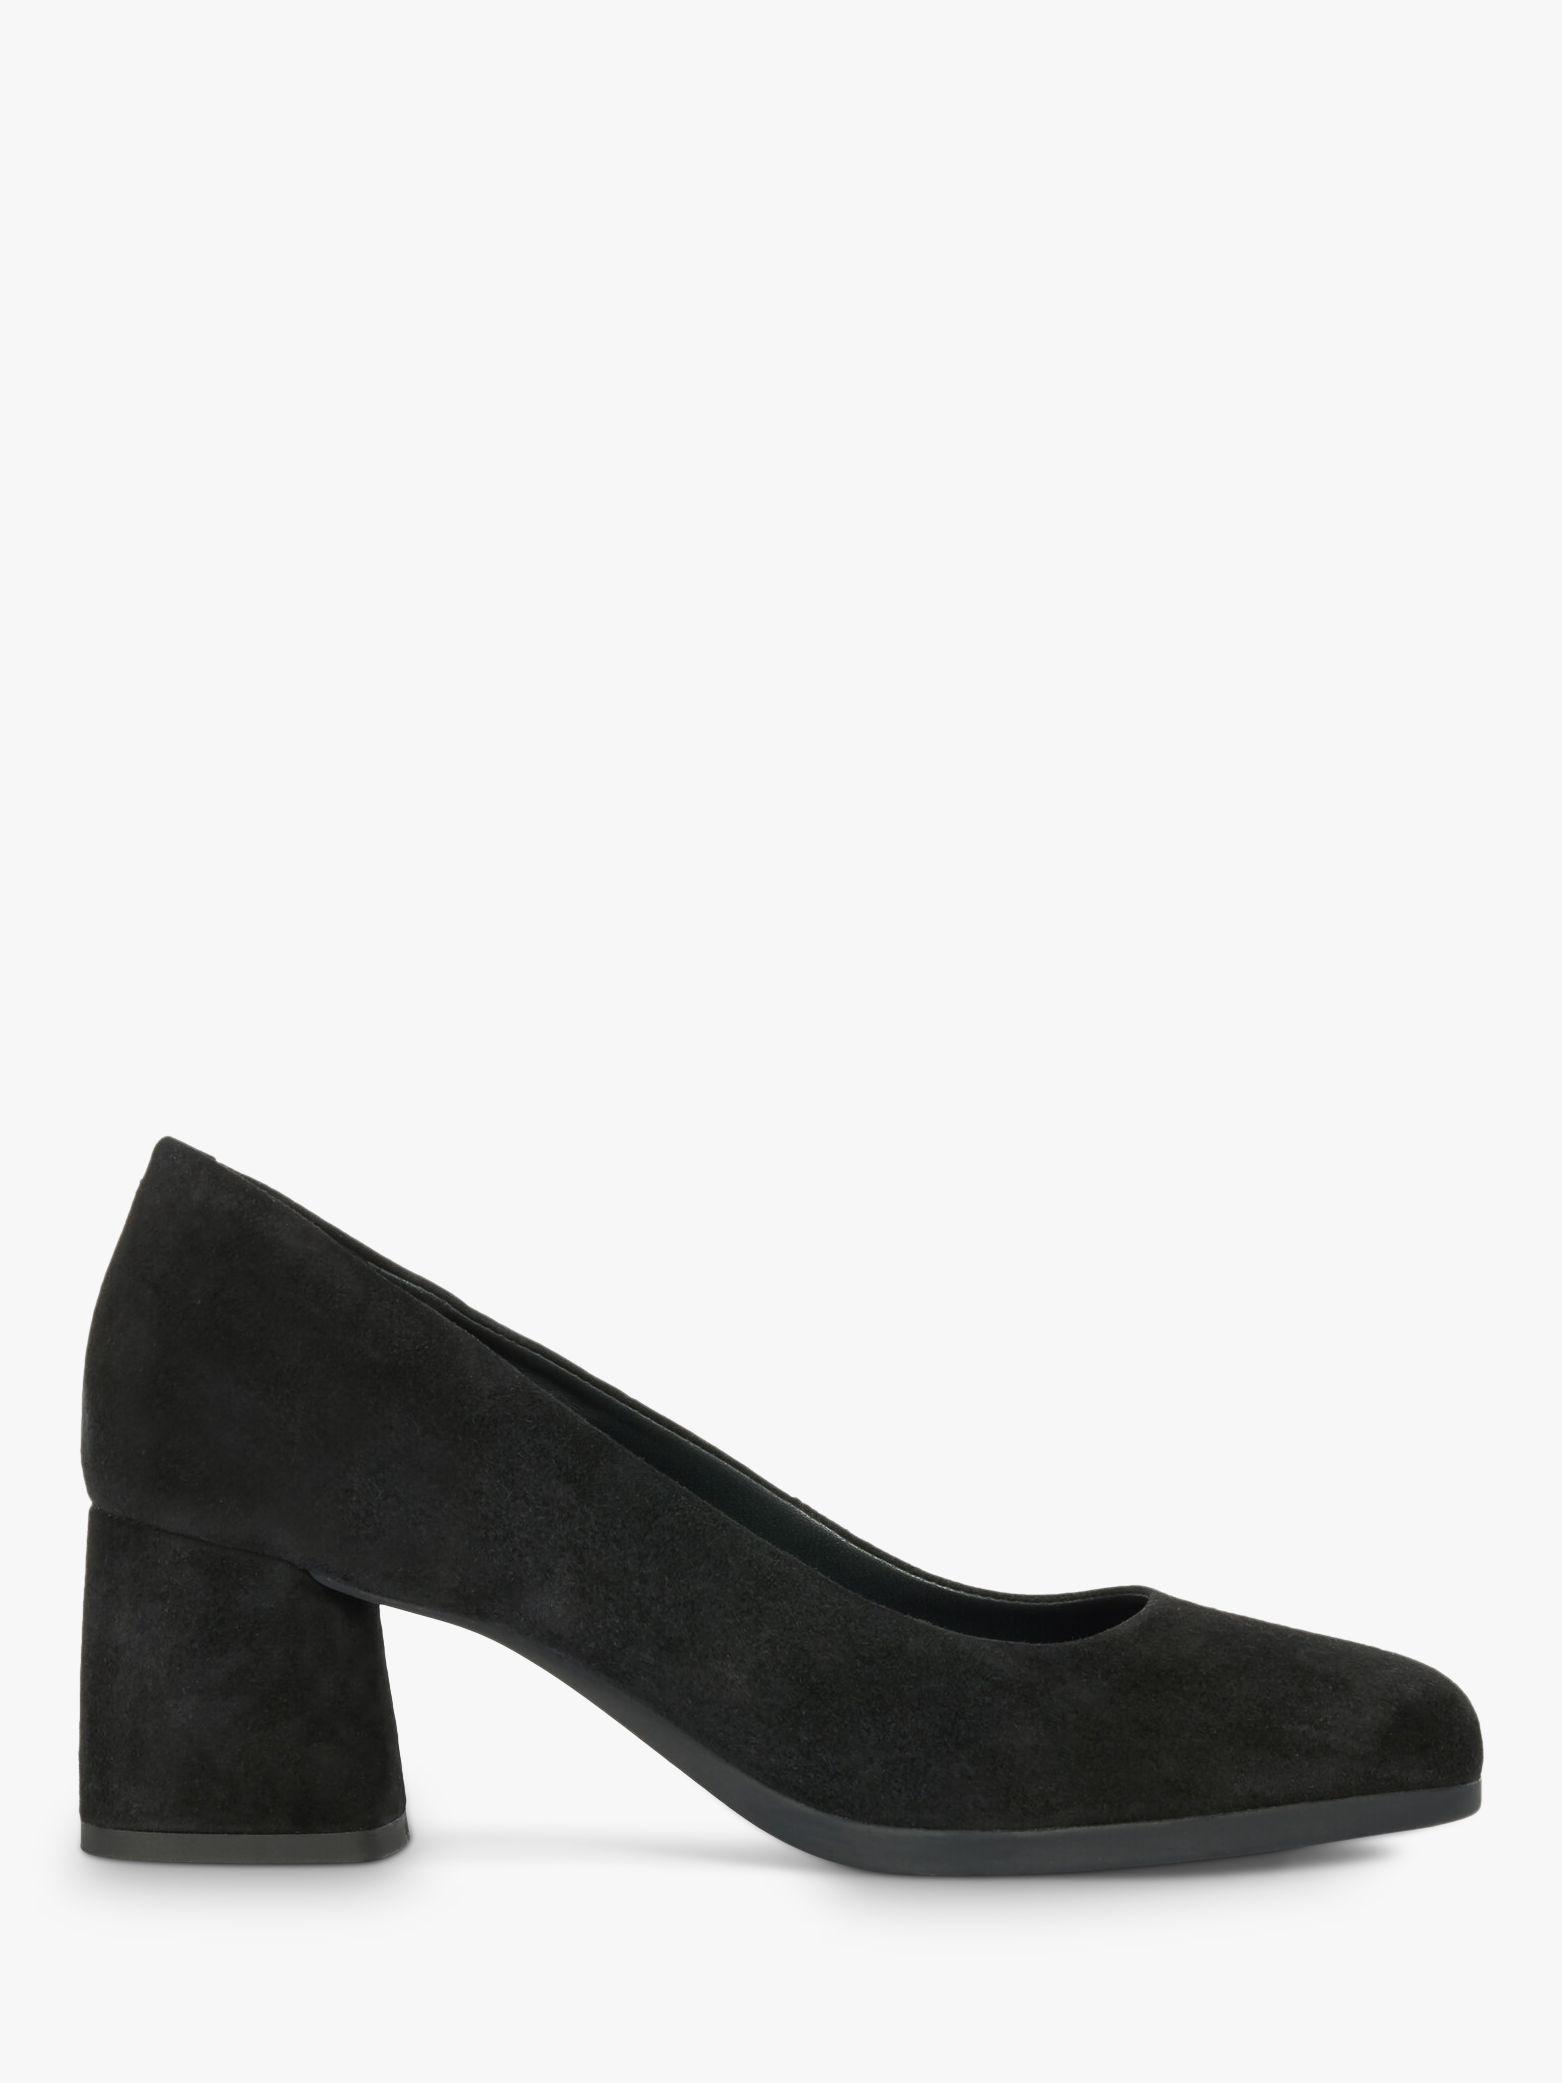 Geox Geox Women's Calinda Suede Block Heel Court Shoes, Black